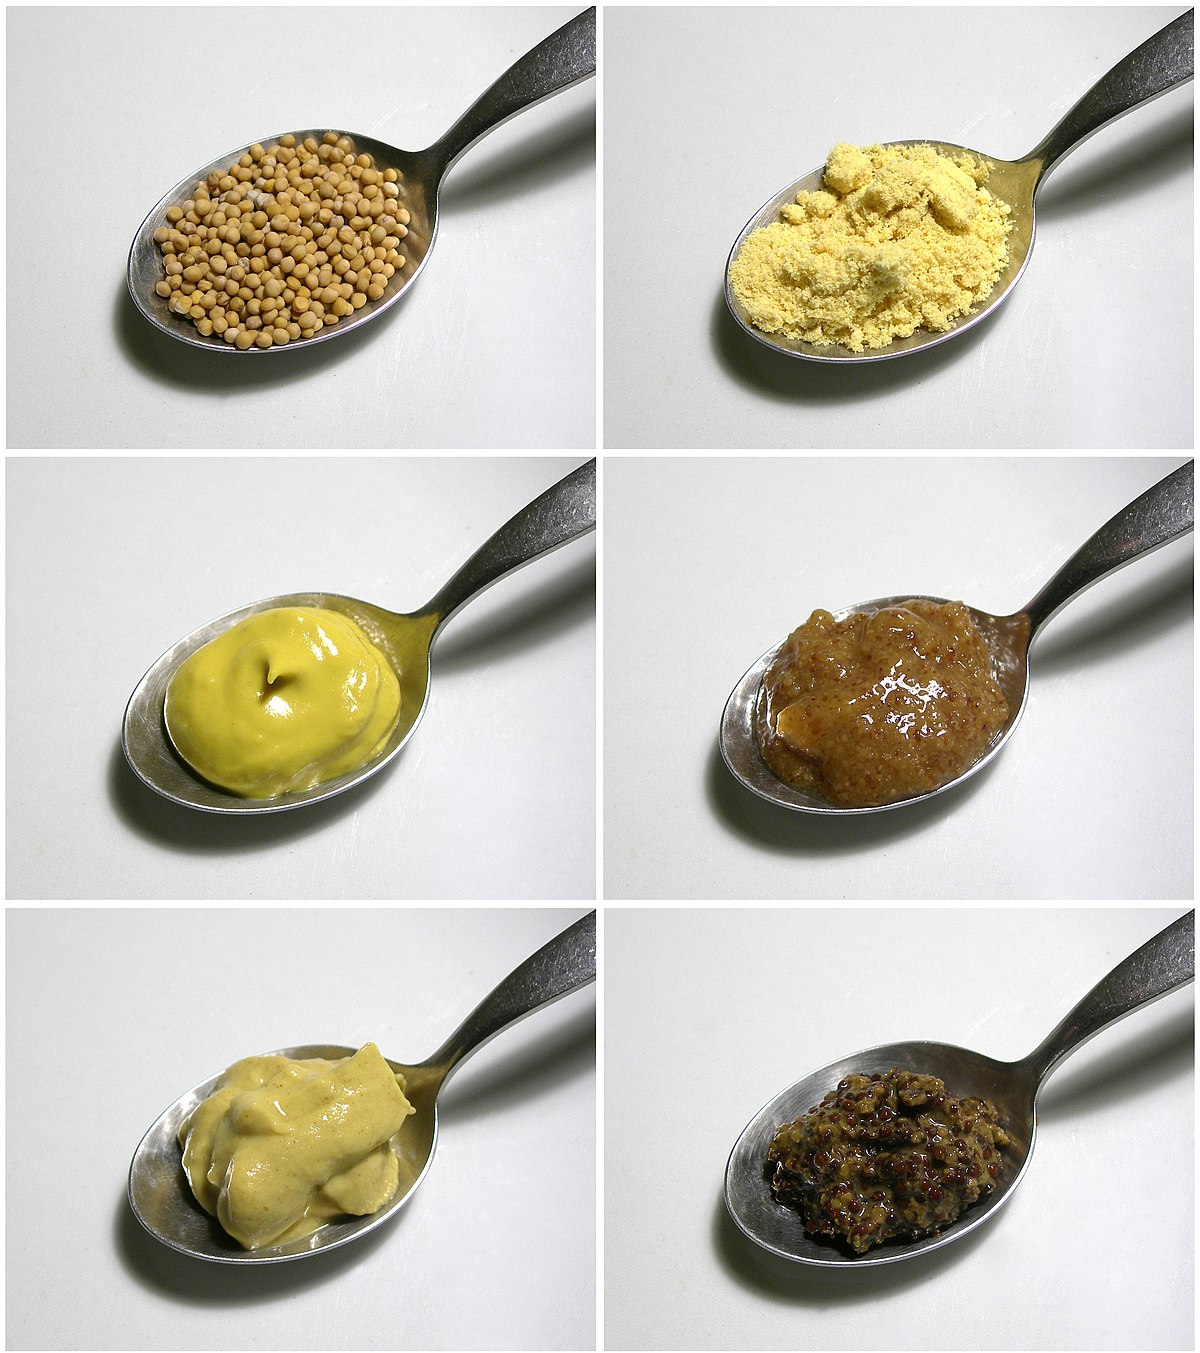 Comment Faire Du Jaune Moutarde moutarde (condiment) — wikipédia